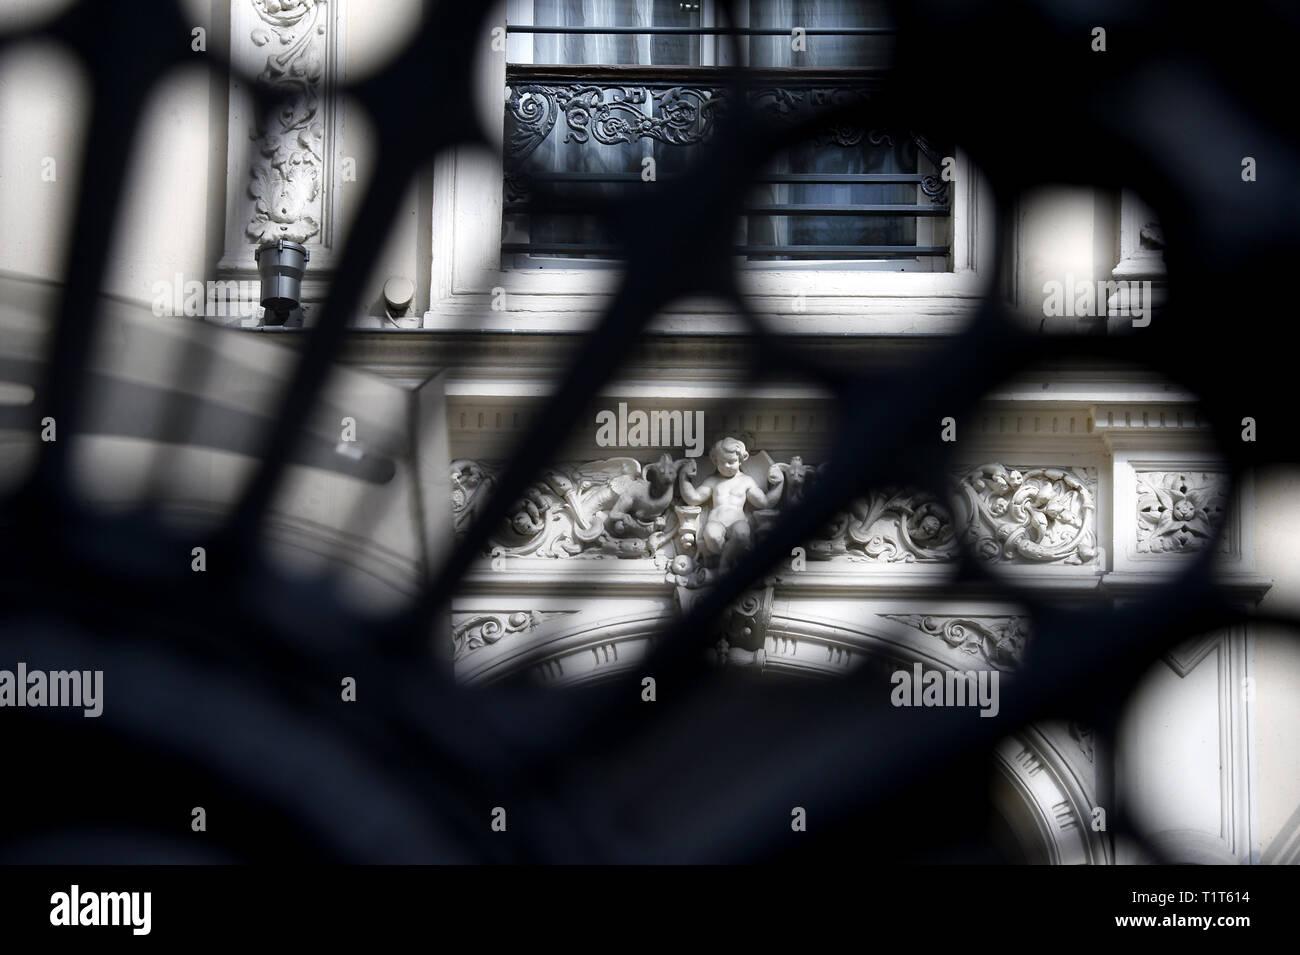 Detalles de la fachada de un edificio del siglo xix - París - Francia 9 Foto de stock